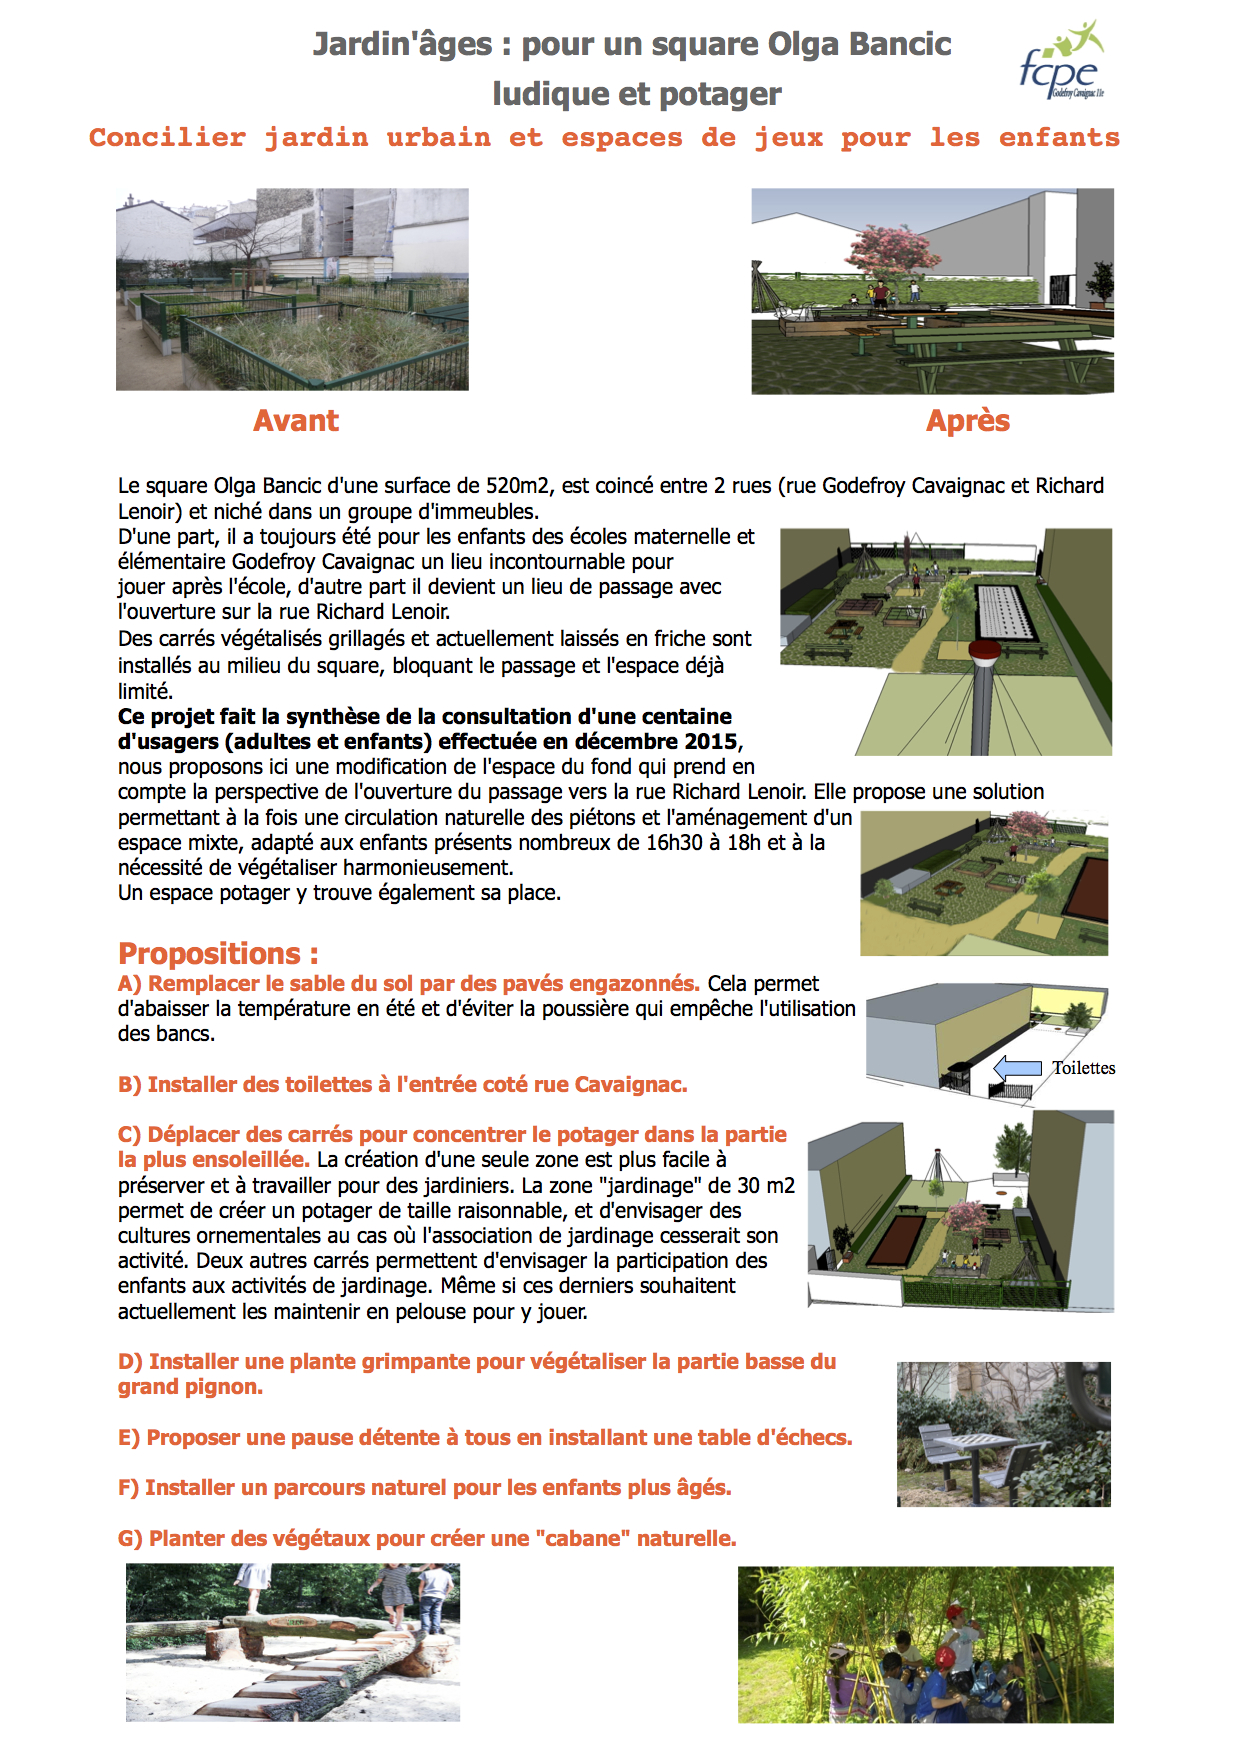 Projet FCPE budget participatif Olga Bancic